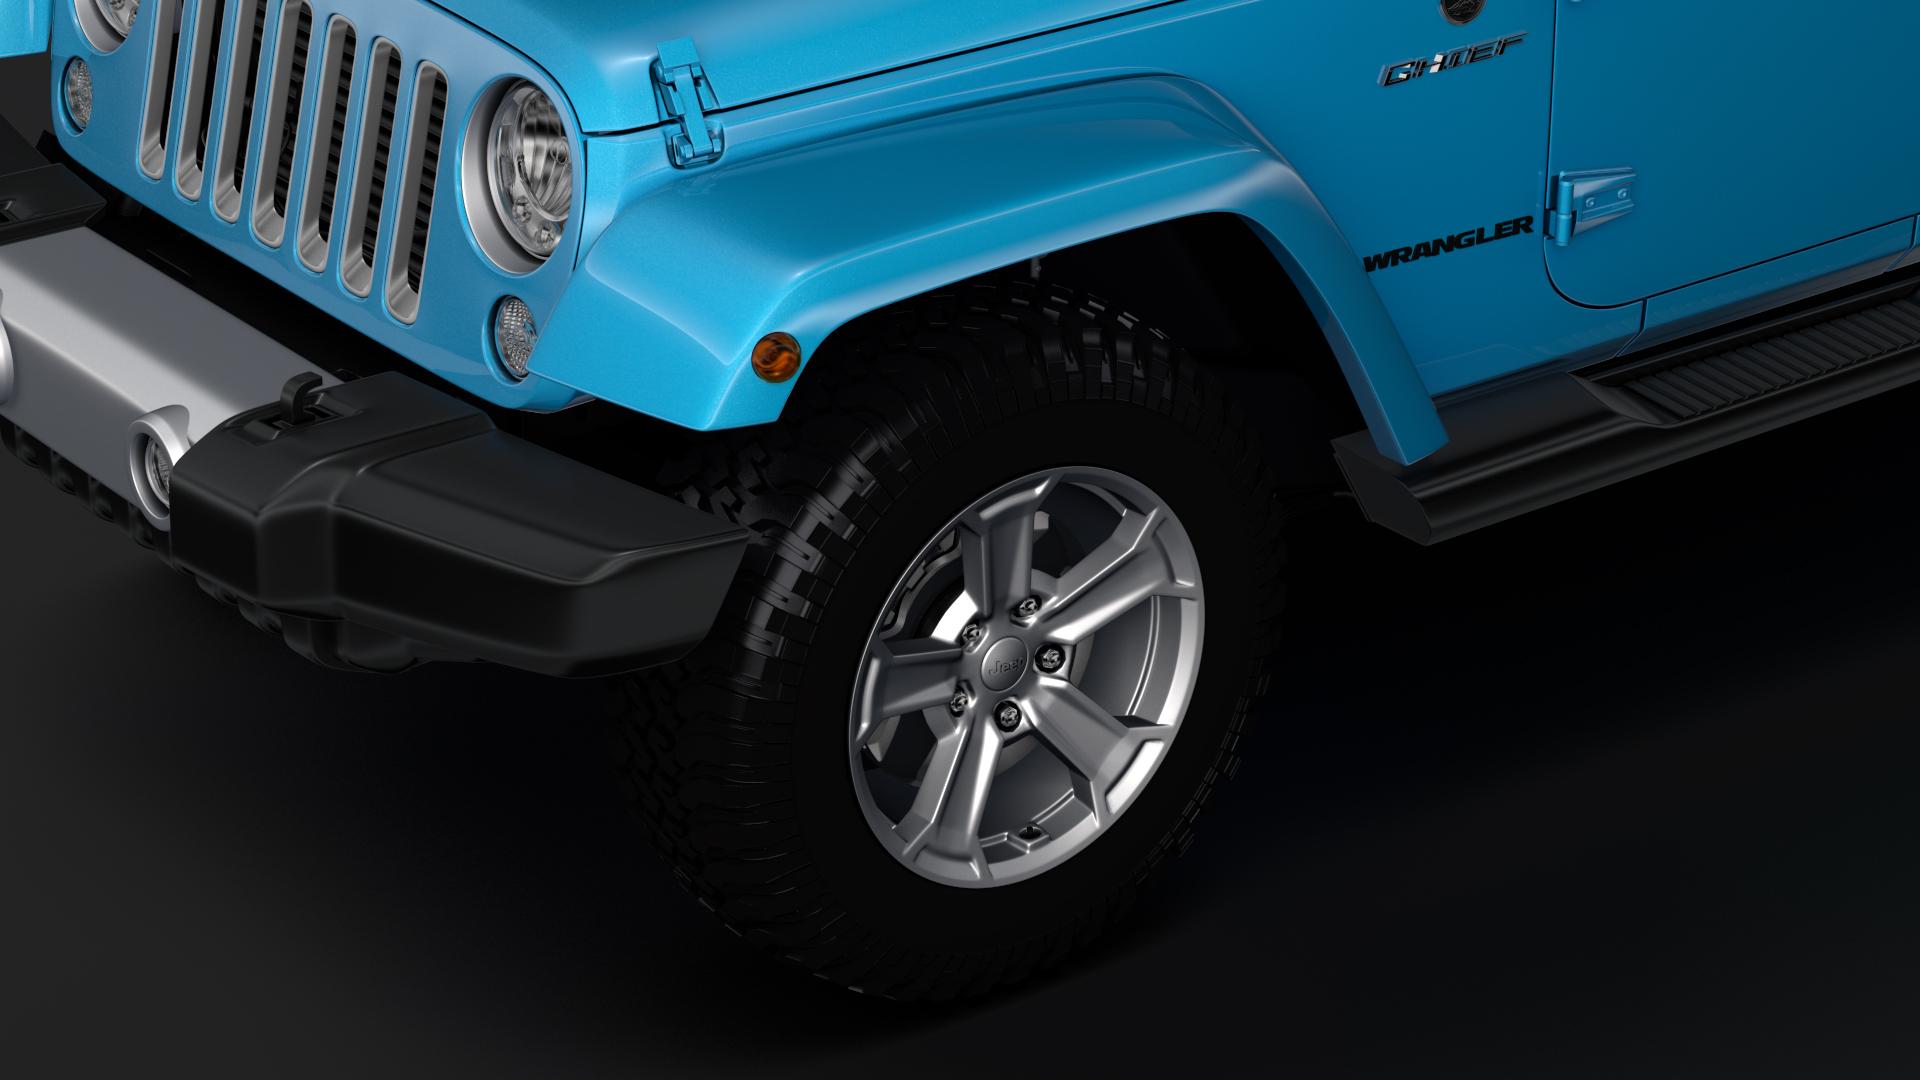 jeep wrangler unlimited chief jk 2017 3d model max fbx c4d lwo ma mb hrc xsi obj 276972